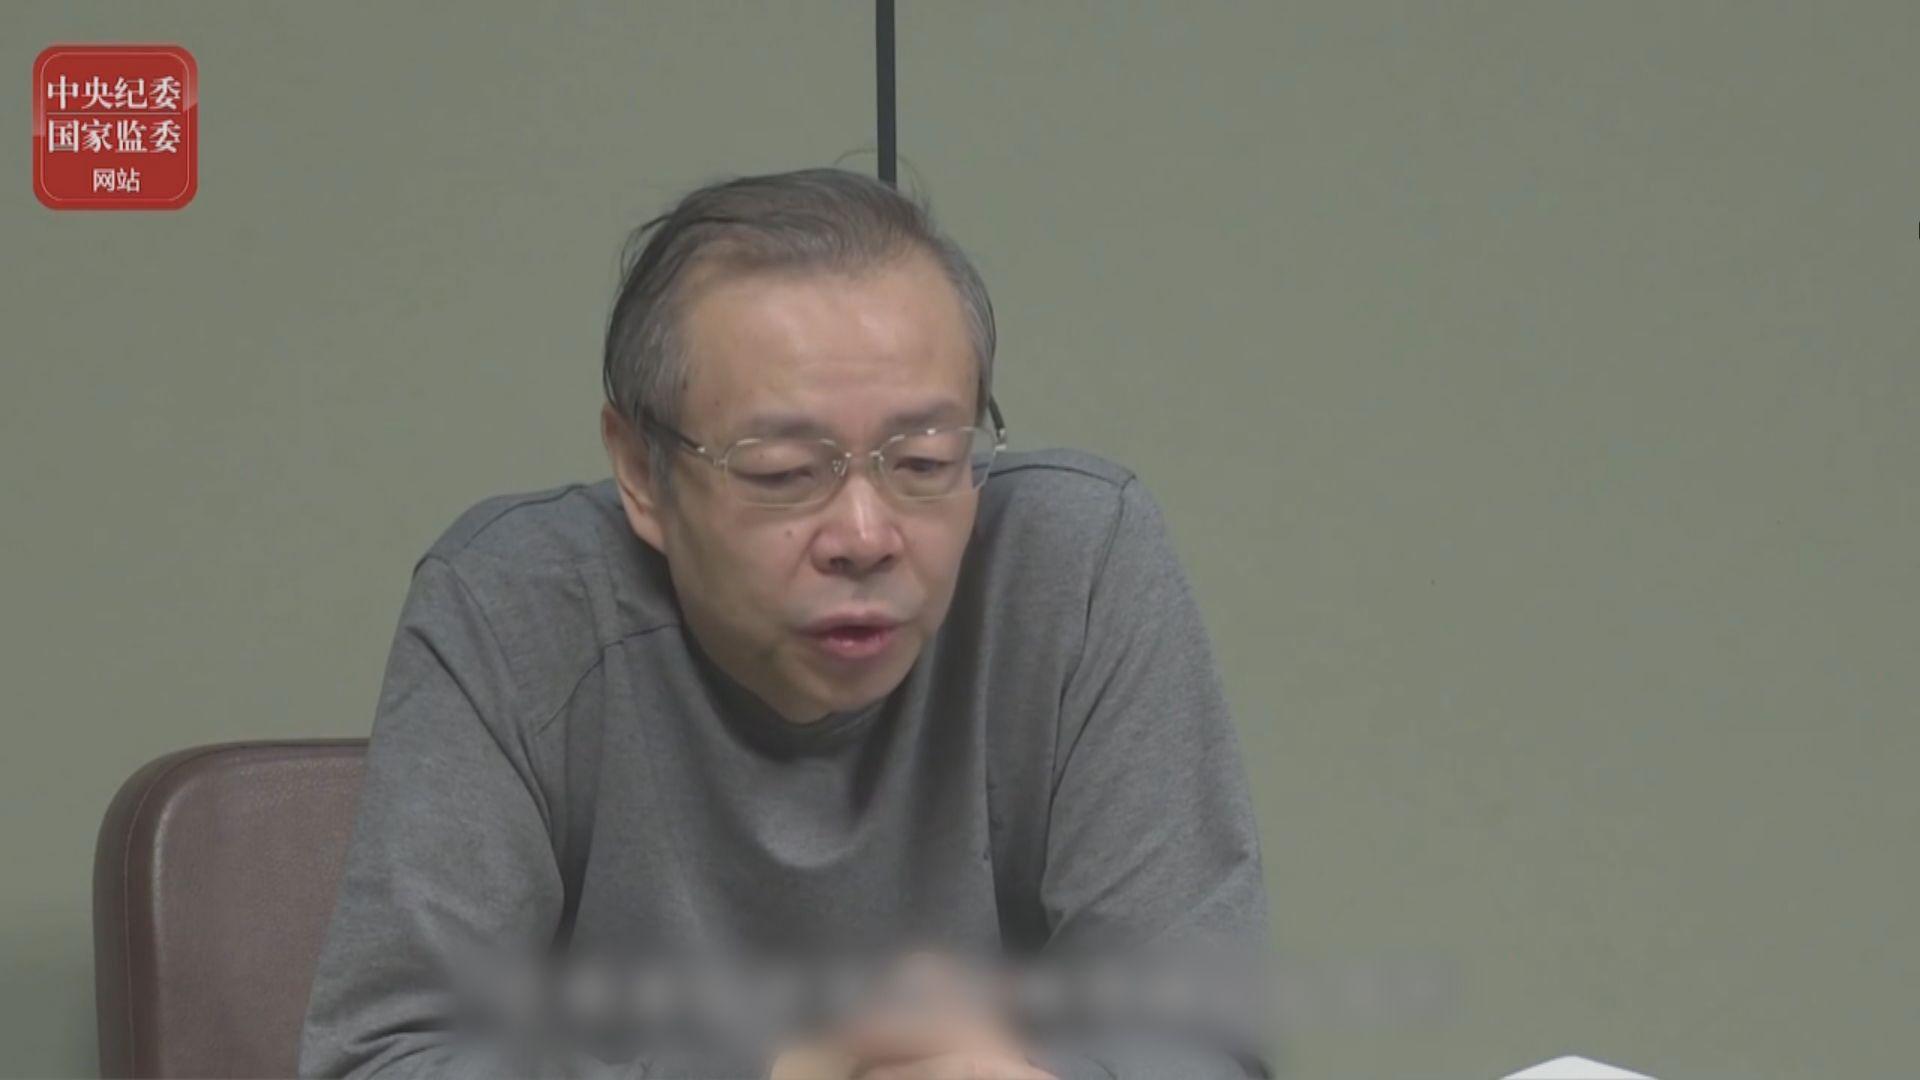 中紀委:賴小民案彰顯依法嚴懲腐敗決心